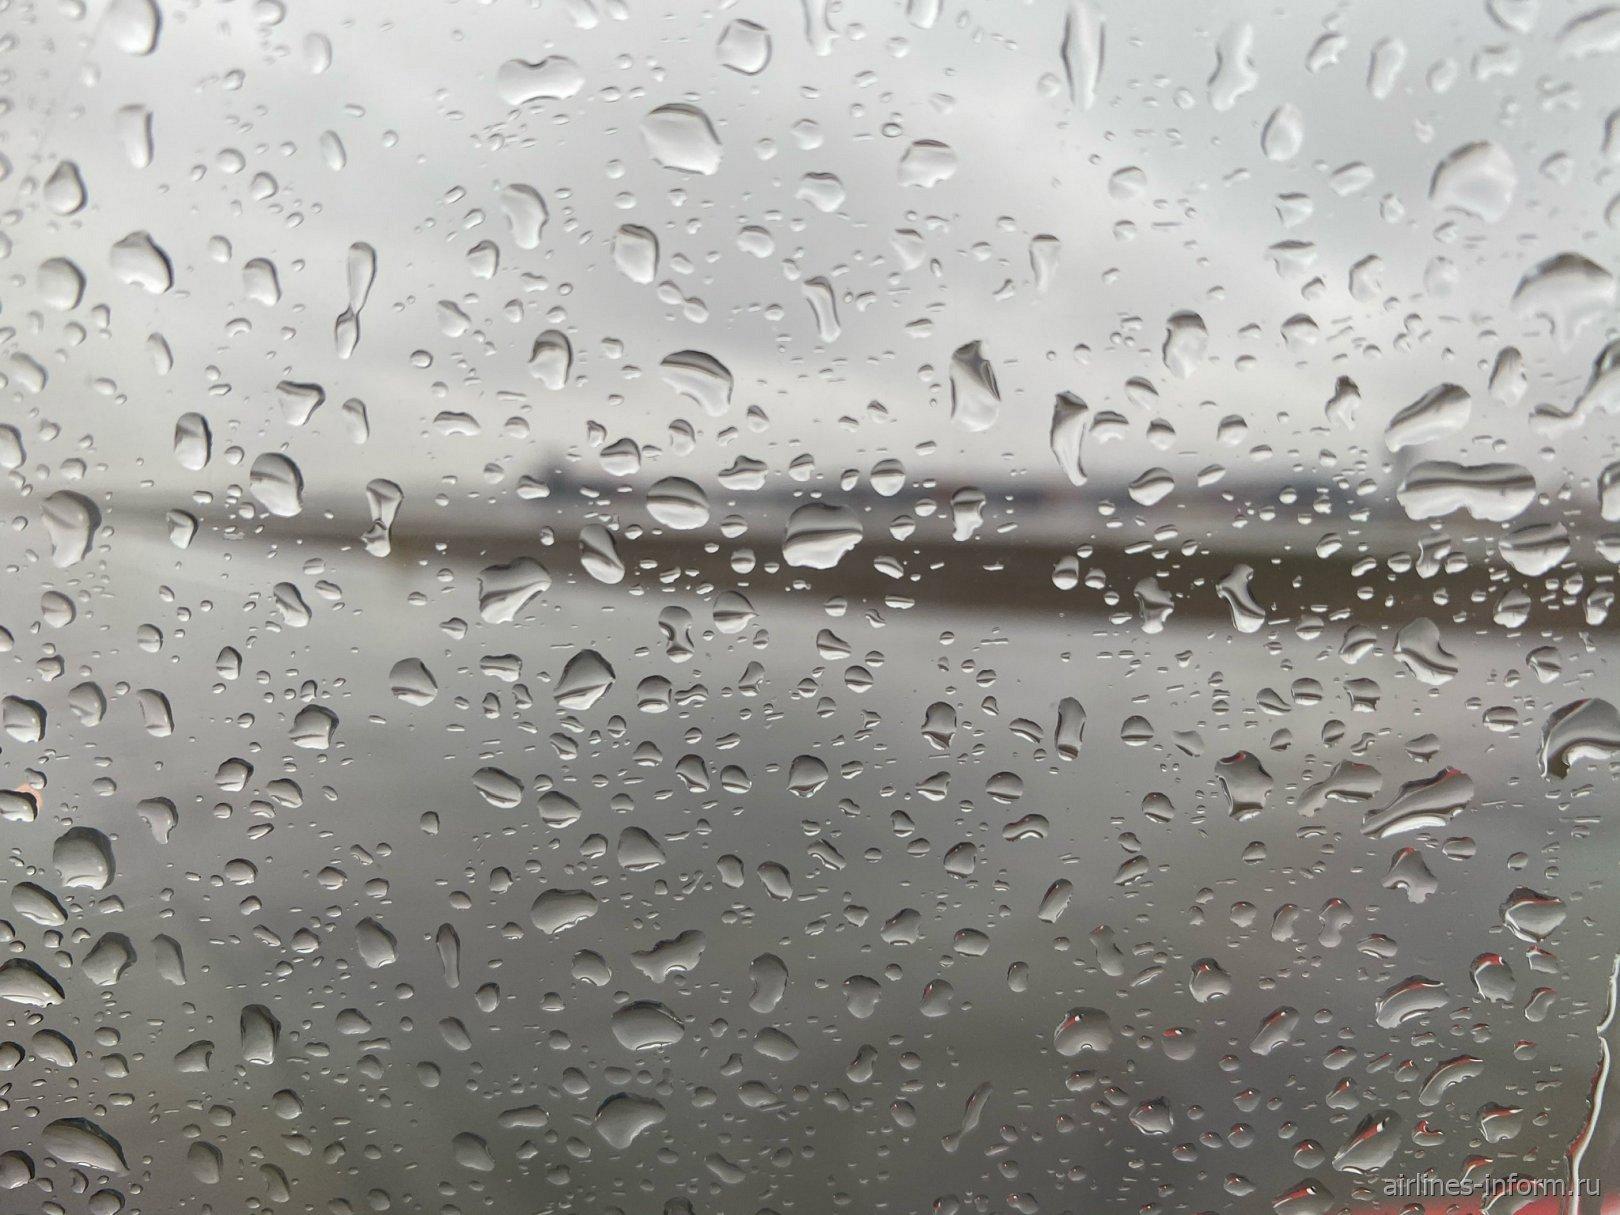 Дождь в Москве. Вылет 26-го апреля 2021 года